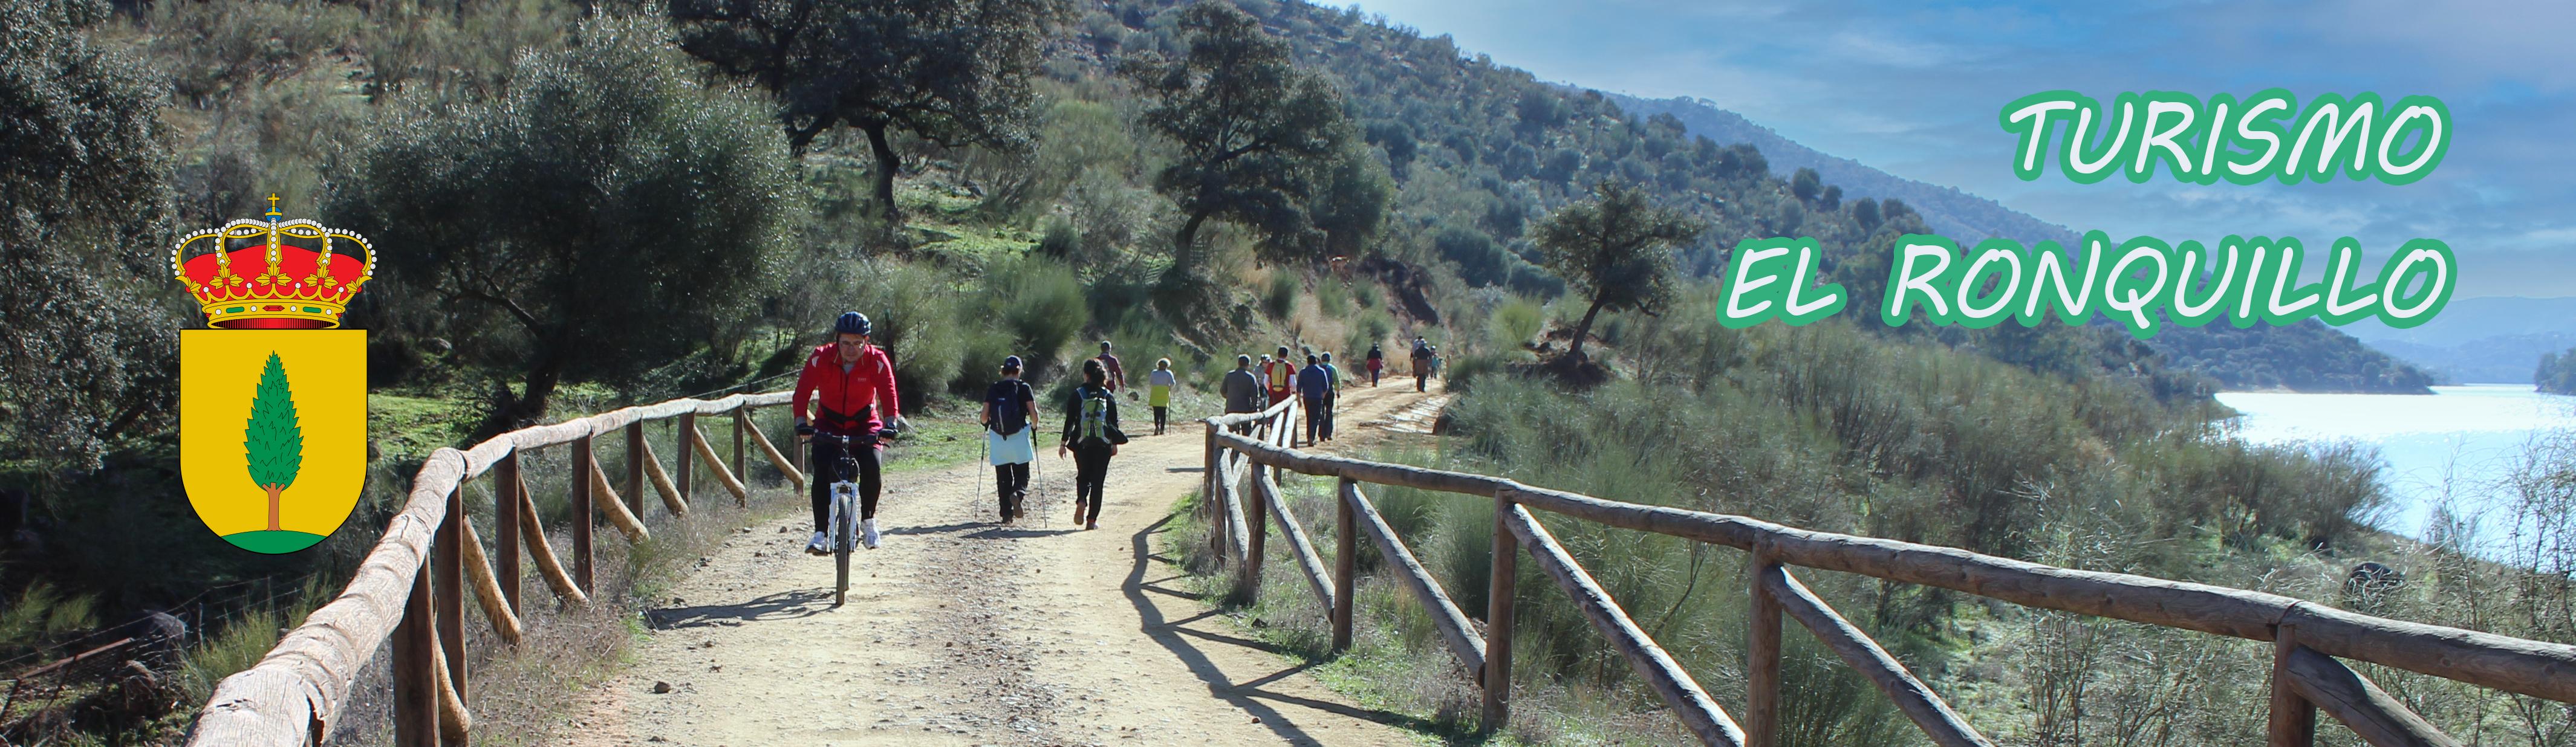 Turismo El Ronquillo